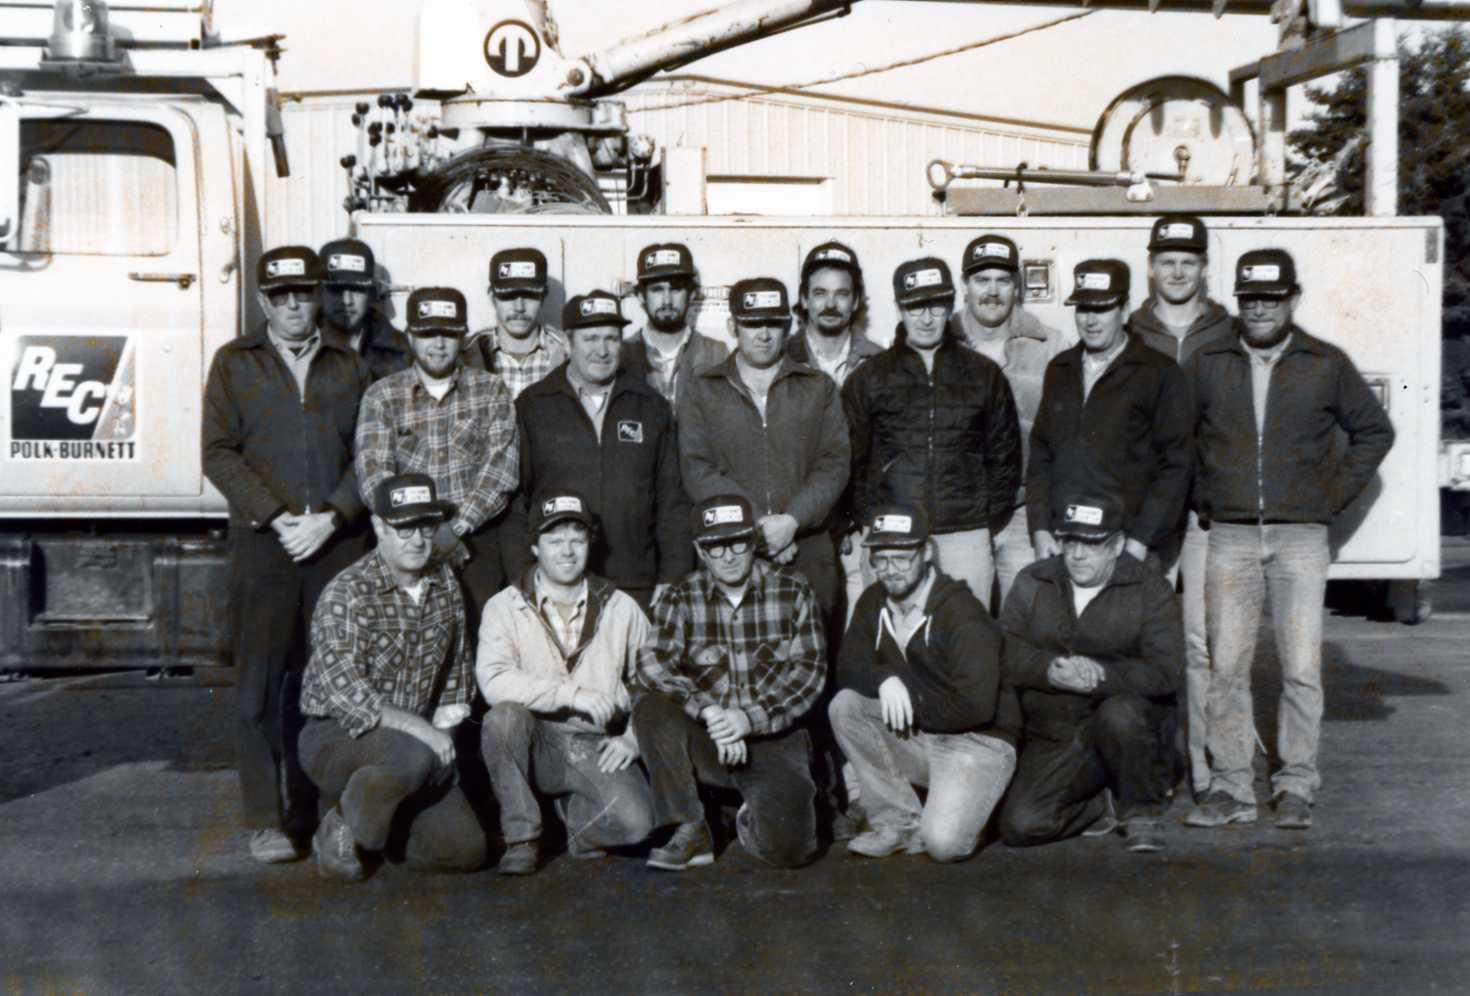 https://polkburnett.com/sites/default/files/revslider/image/Group_Photo_Linemen_by_Truck_Mid_80s.jpg